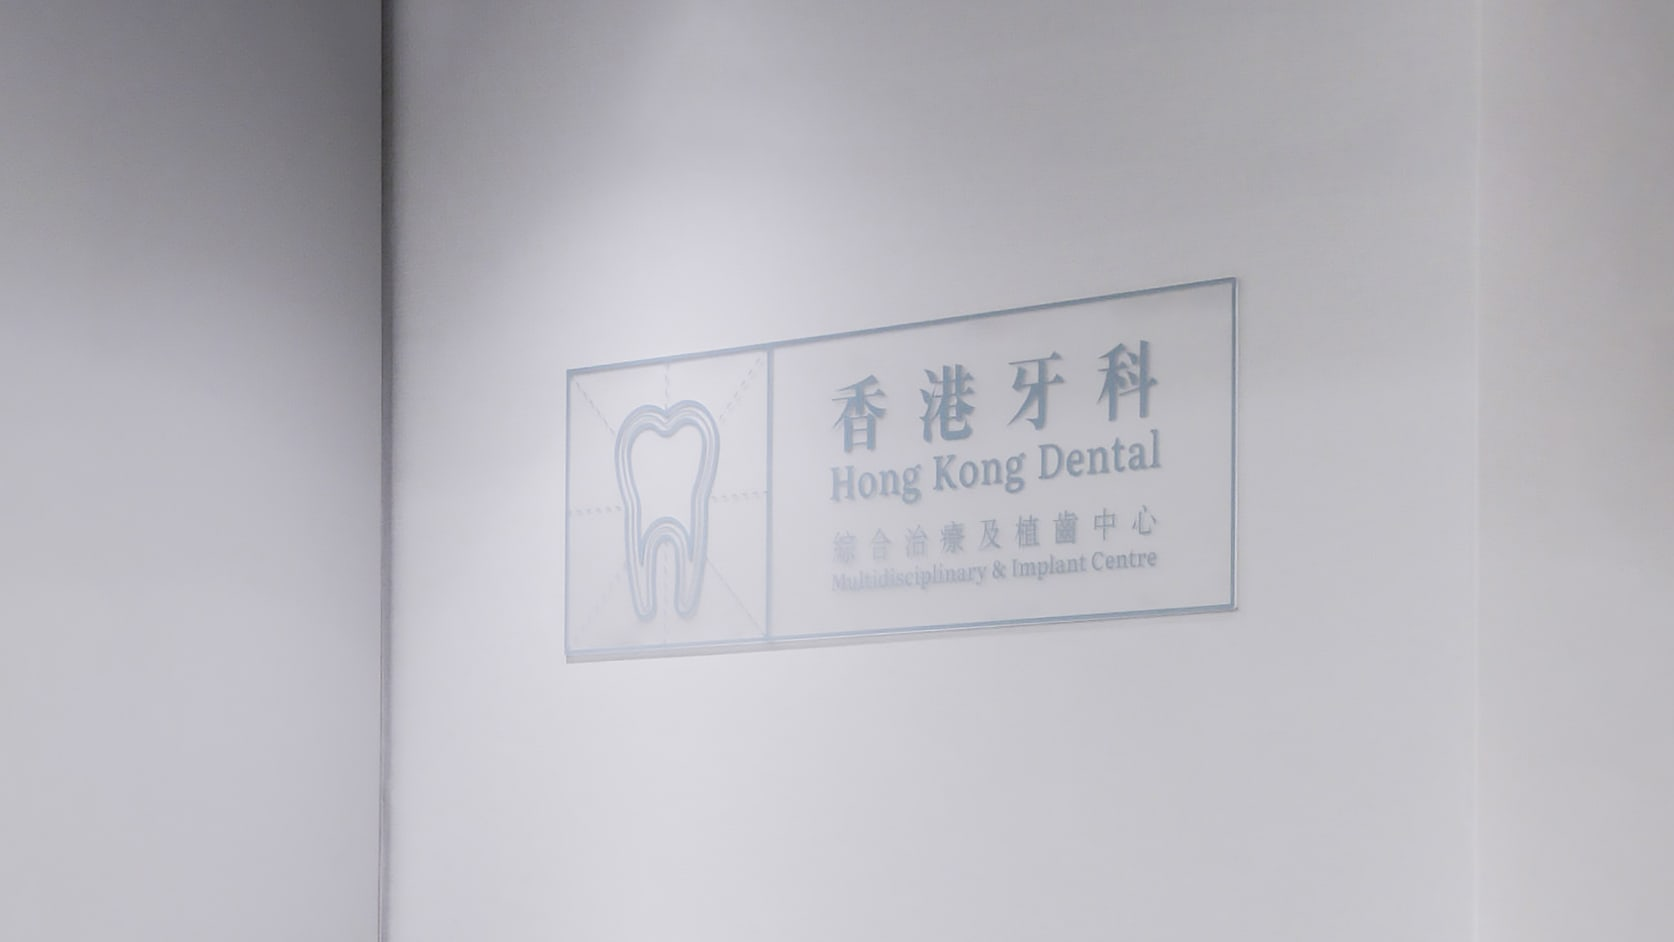 Hong Kong Dental